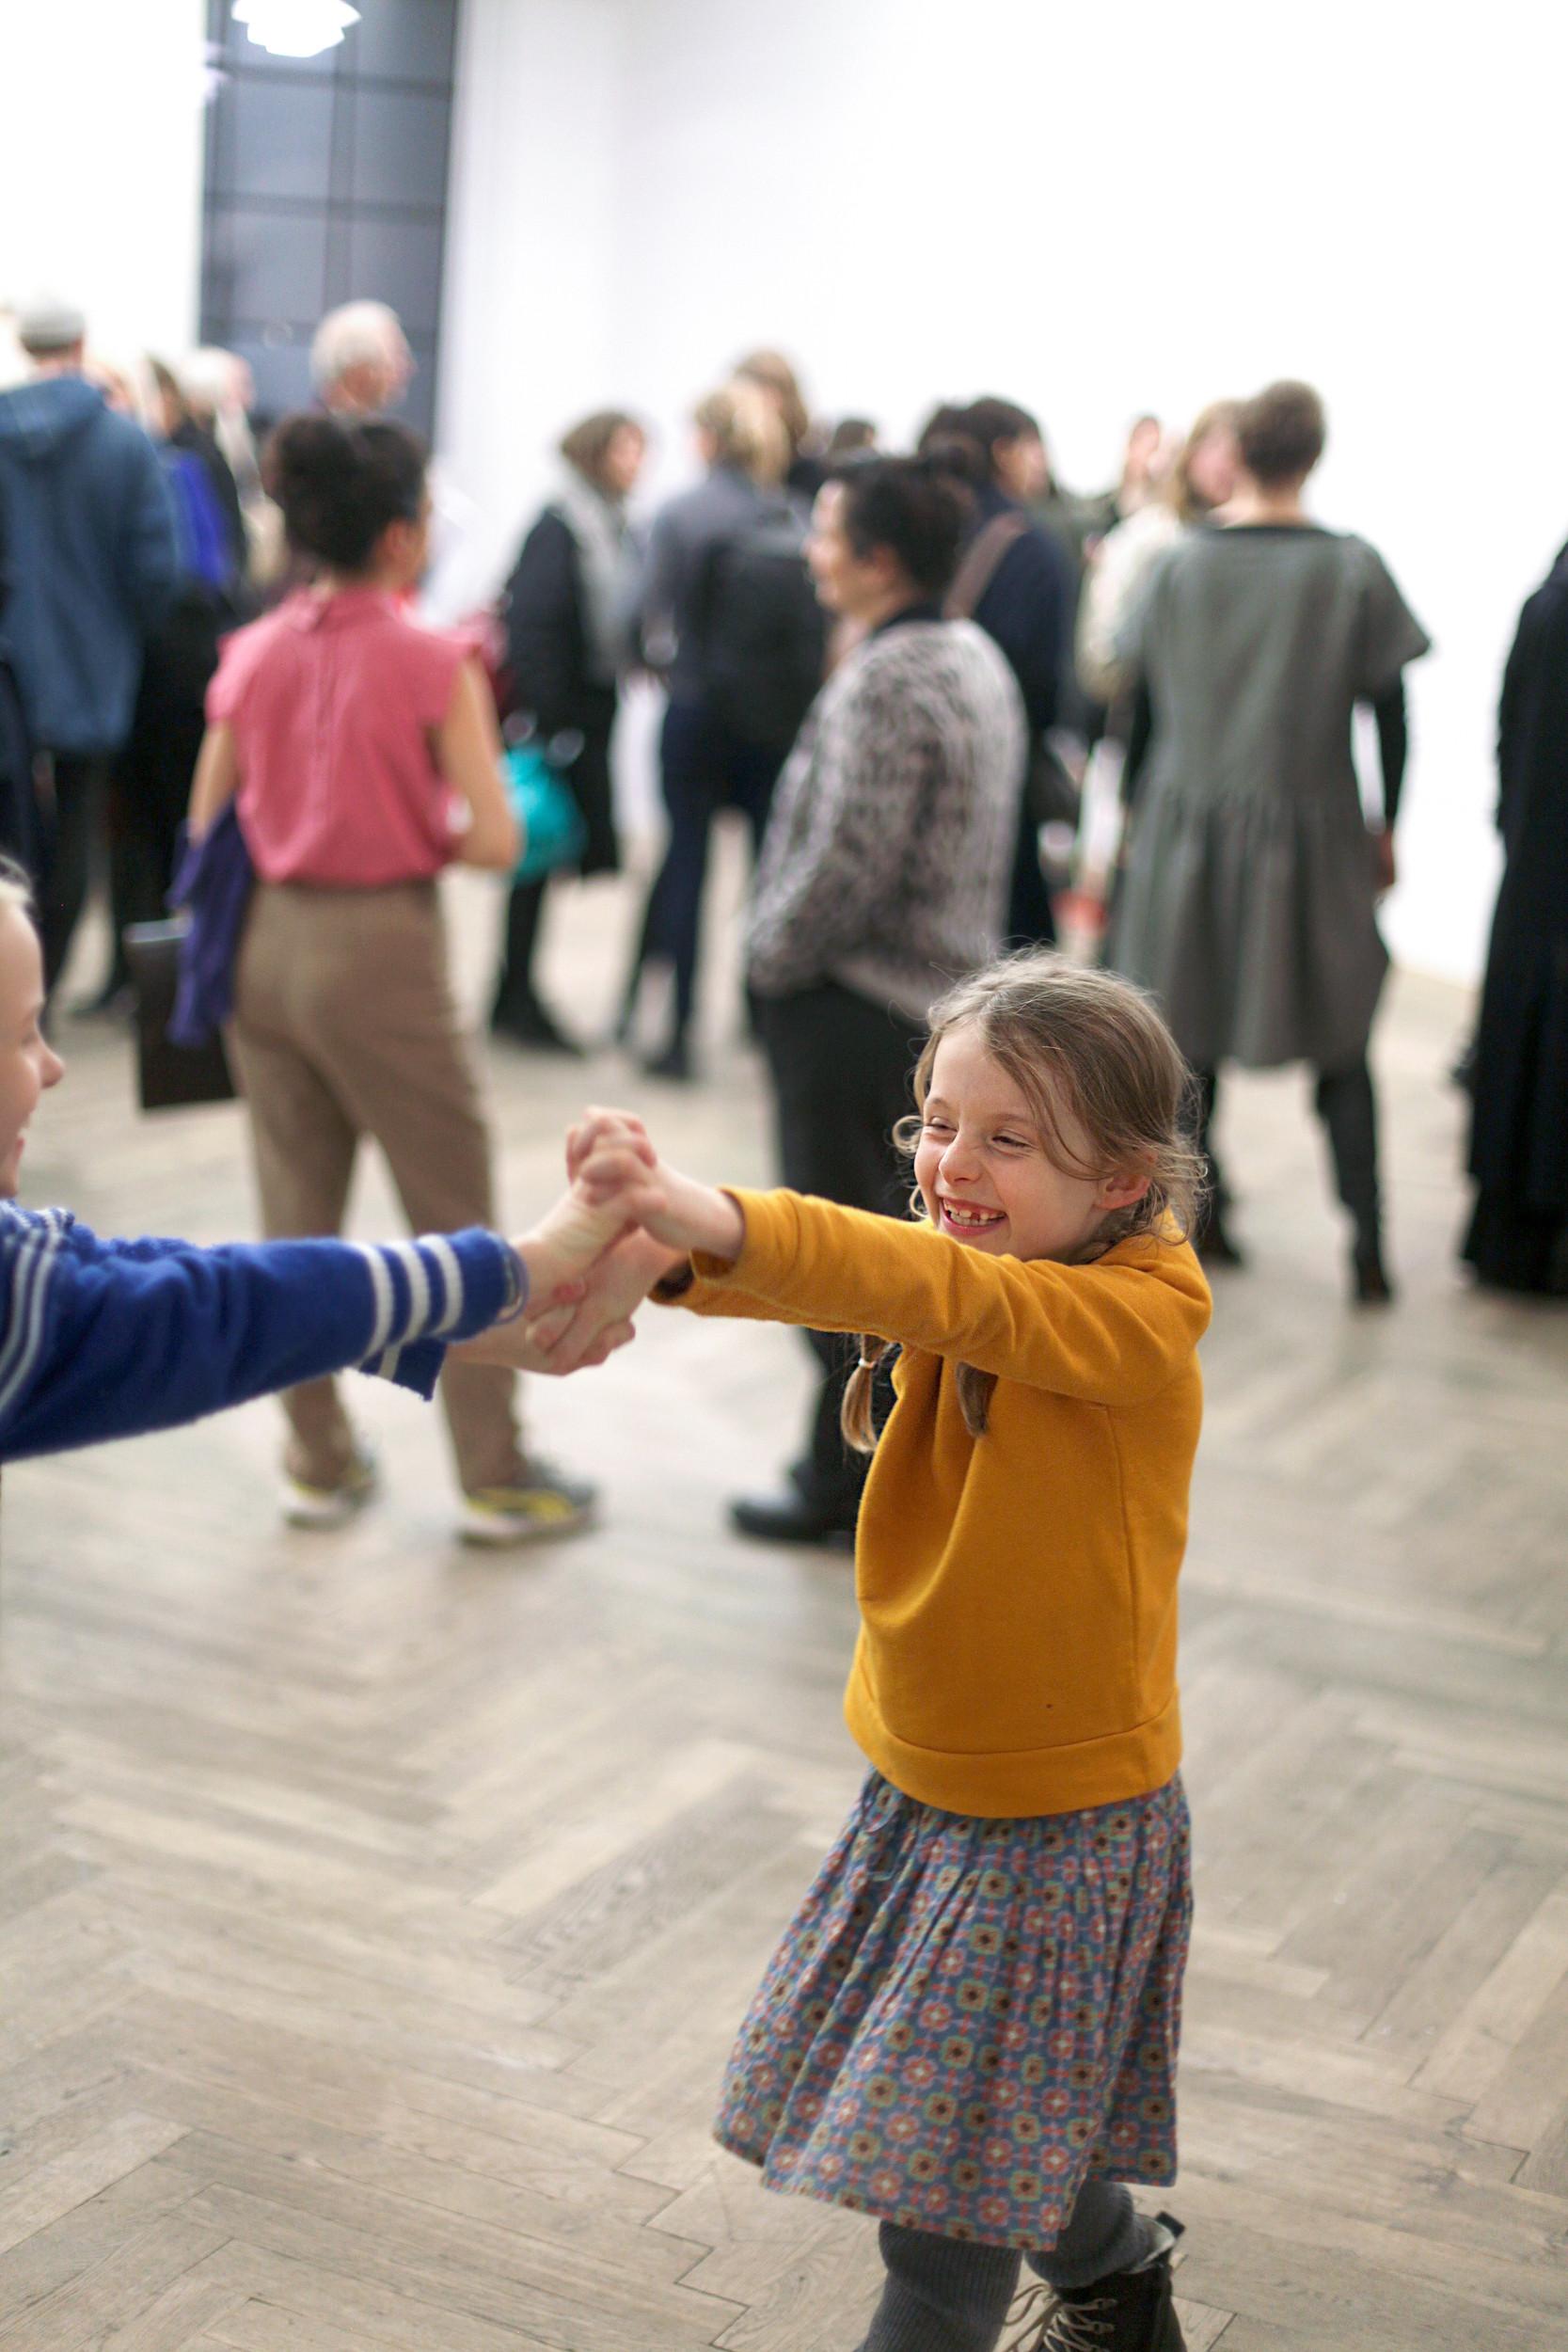 vilde livsdatter_exhibitions-8510.jpg